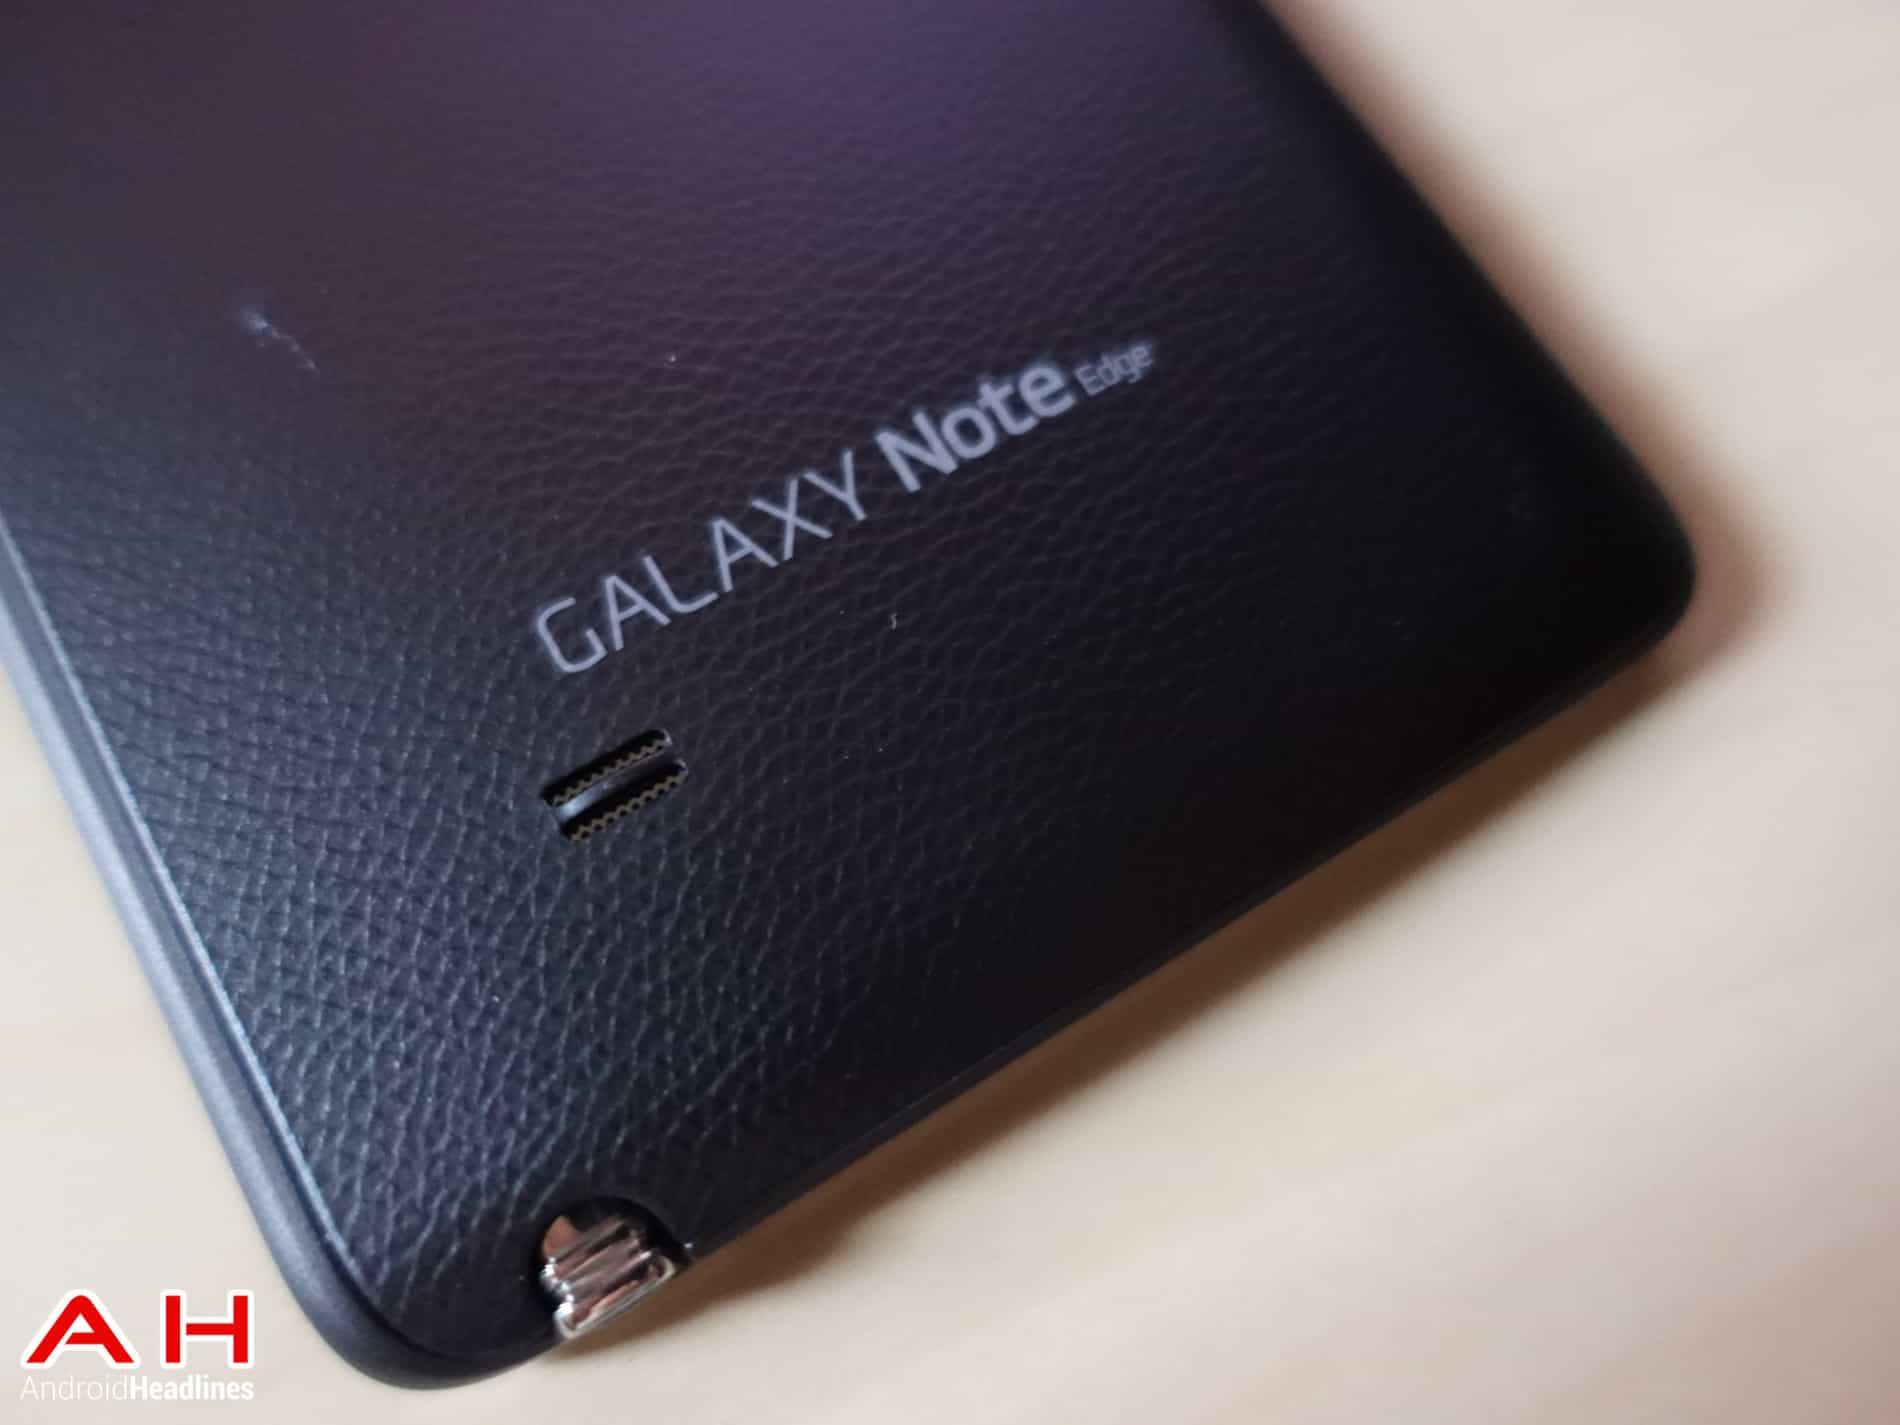 Samsung-Galaxy-Note-Edge-AH-11